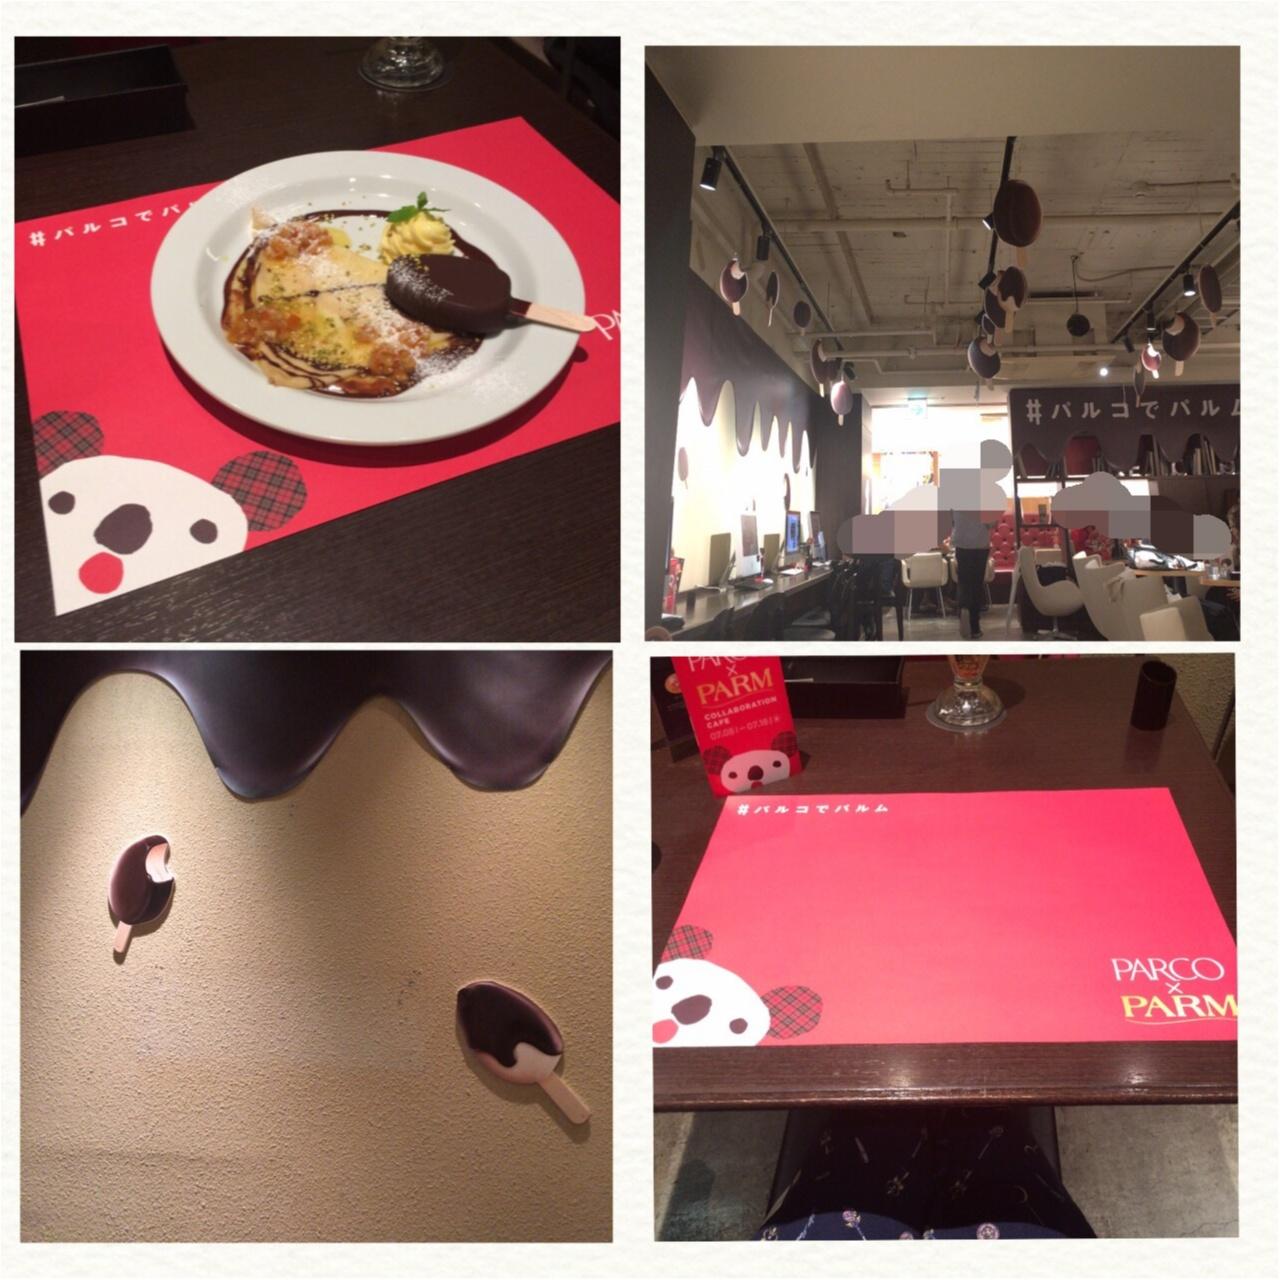 <#パルコでパルム>期間限定コラボカフェ!パルコでパルムがオシャレに大変身♡_3